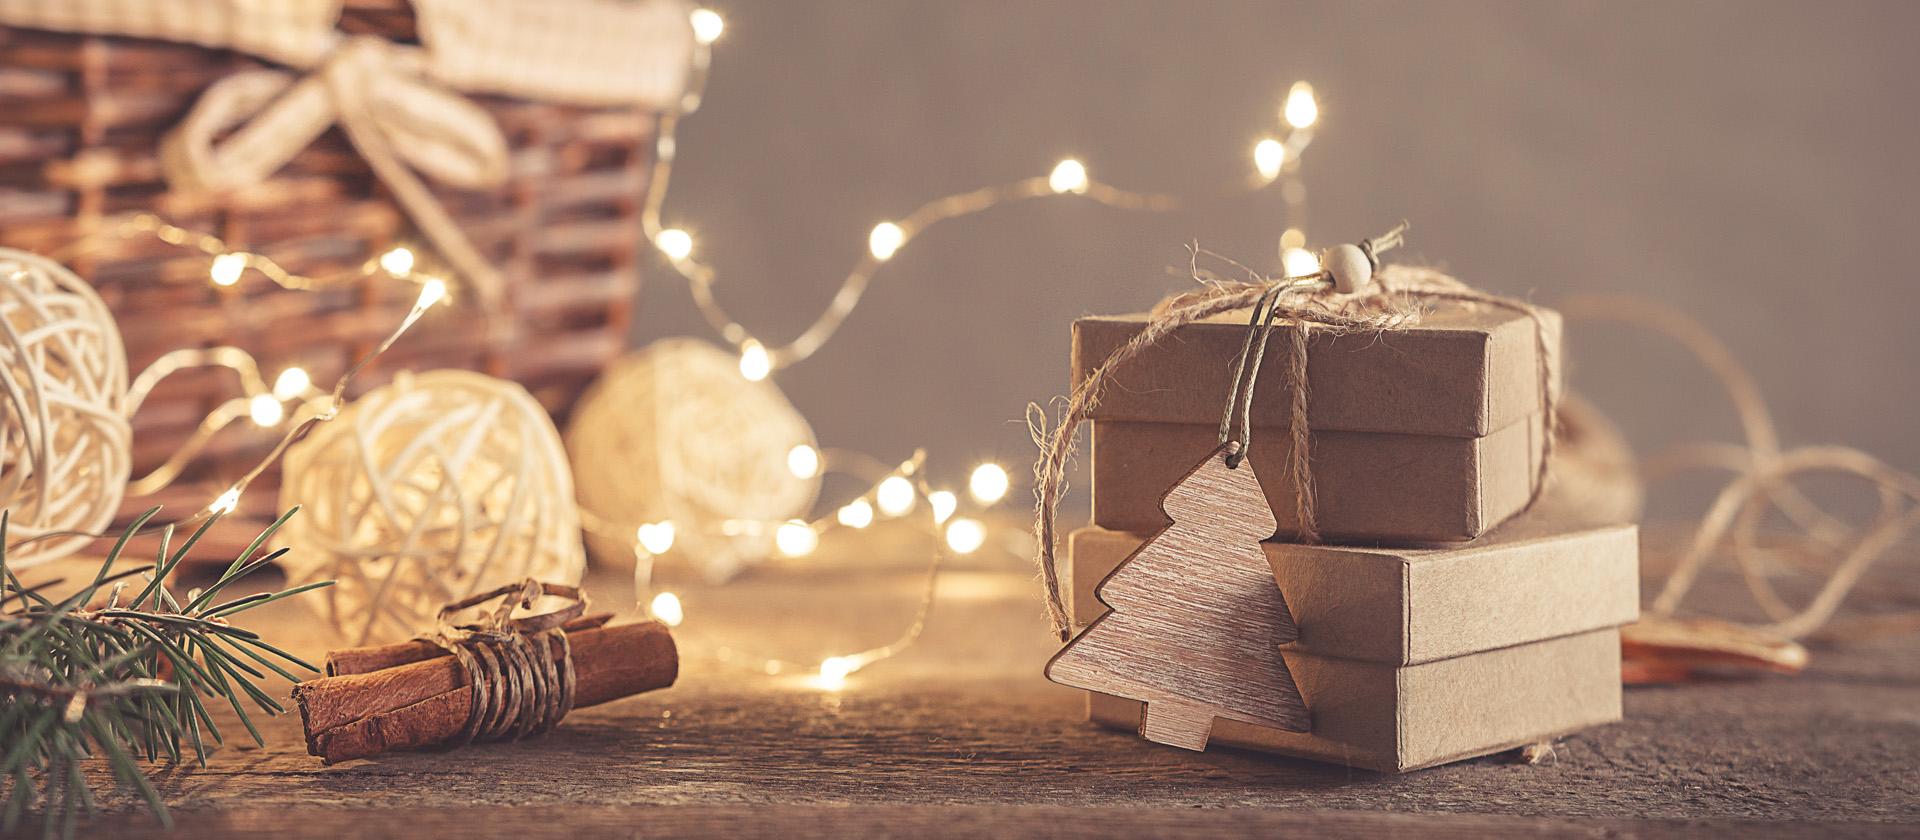 プレゼントとライト